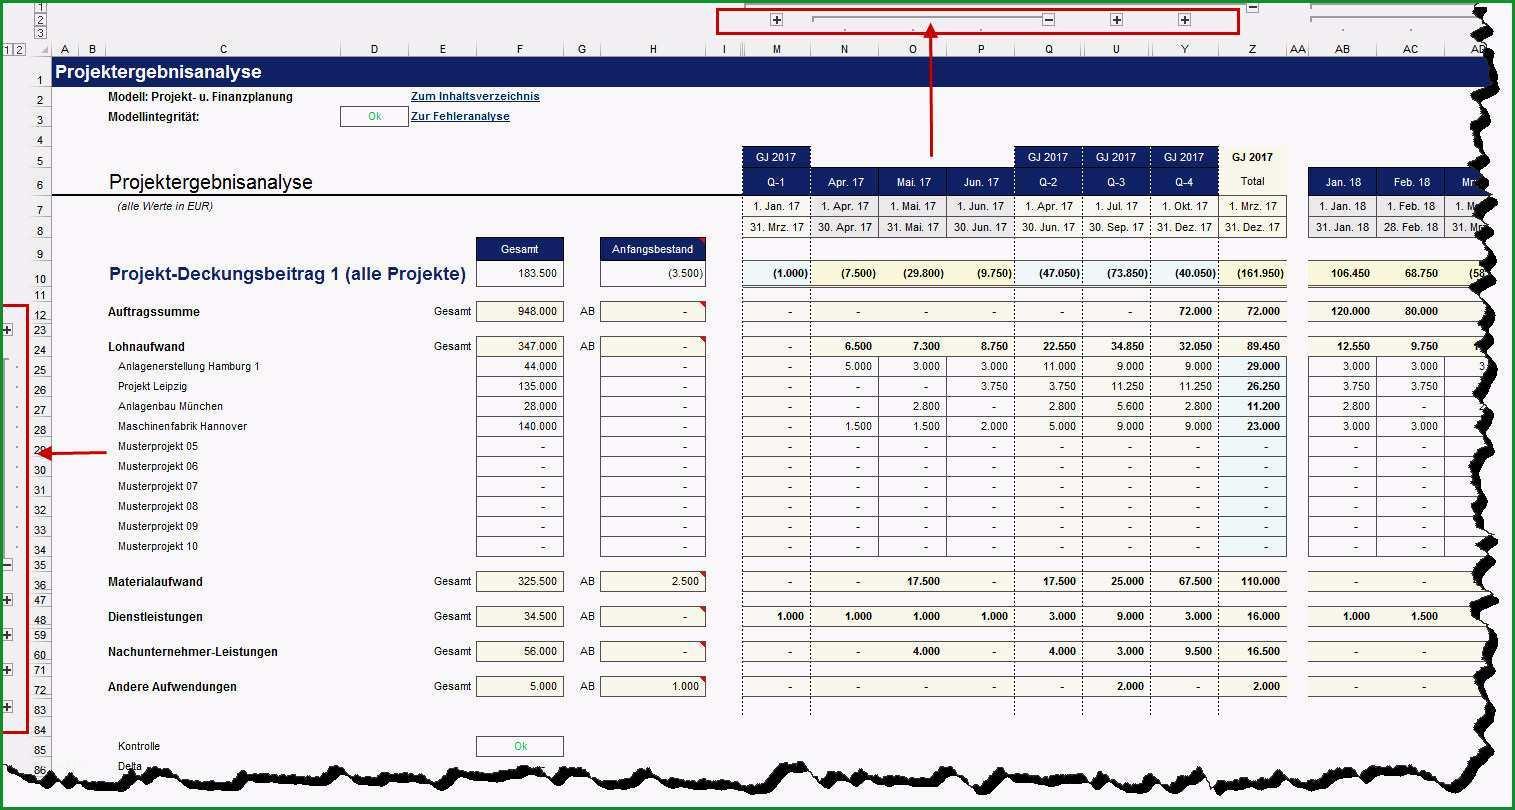 personaleinsatzplanung excel freeware 11 urlaubsplaner excel vorlage kostenlos